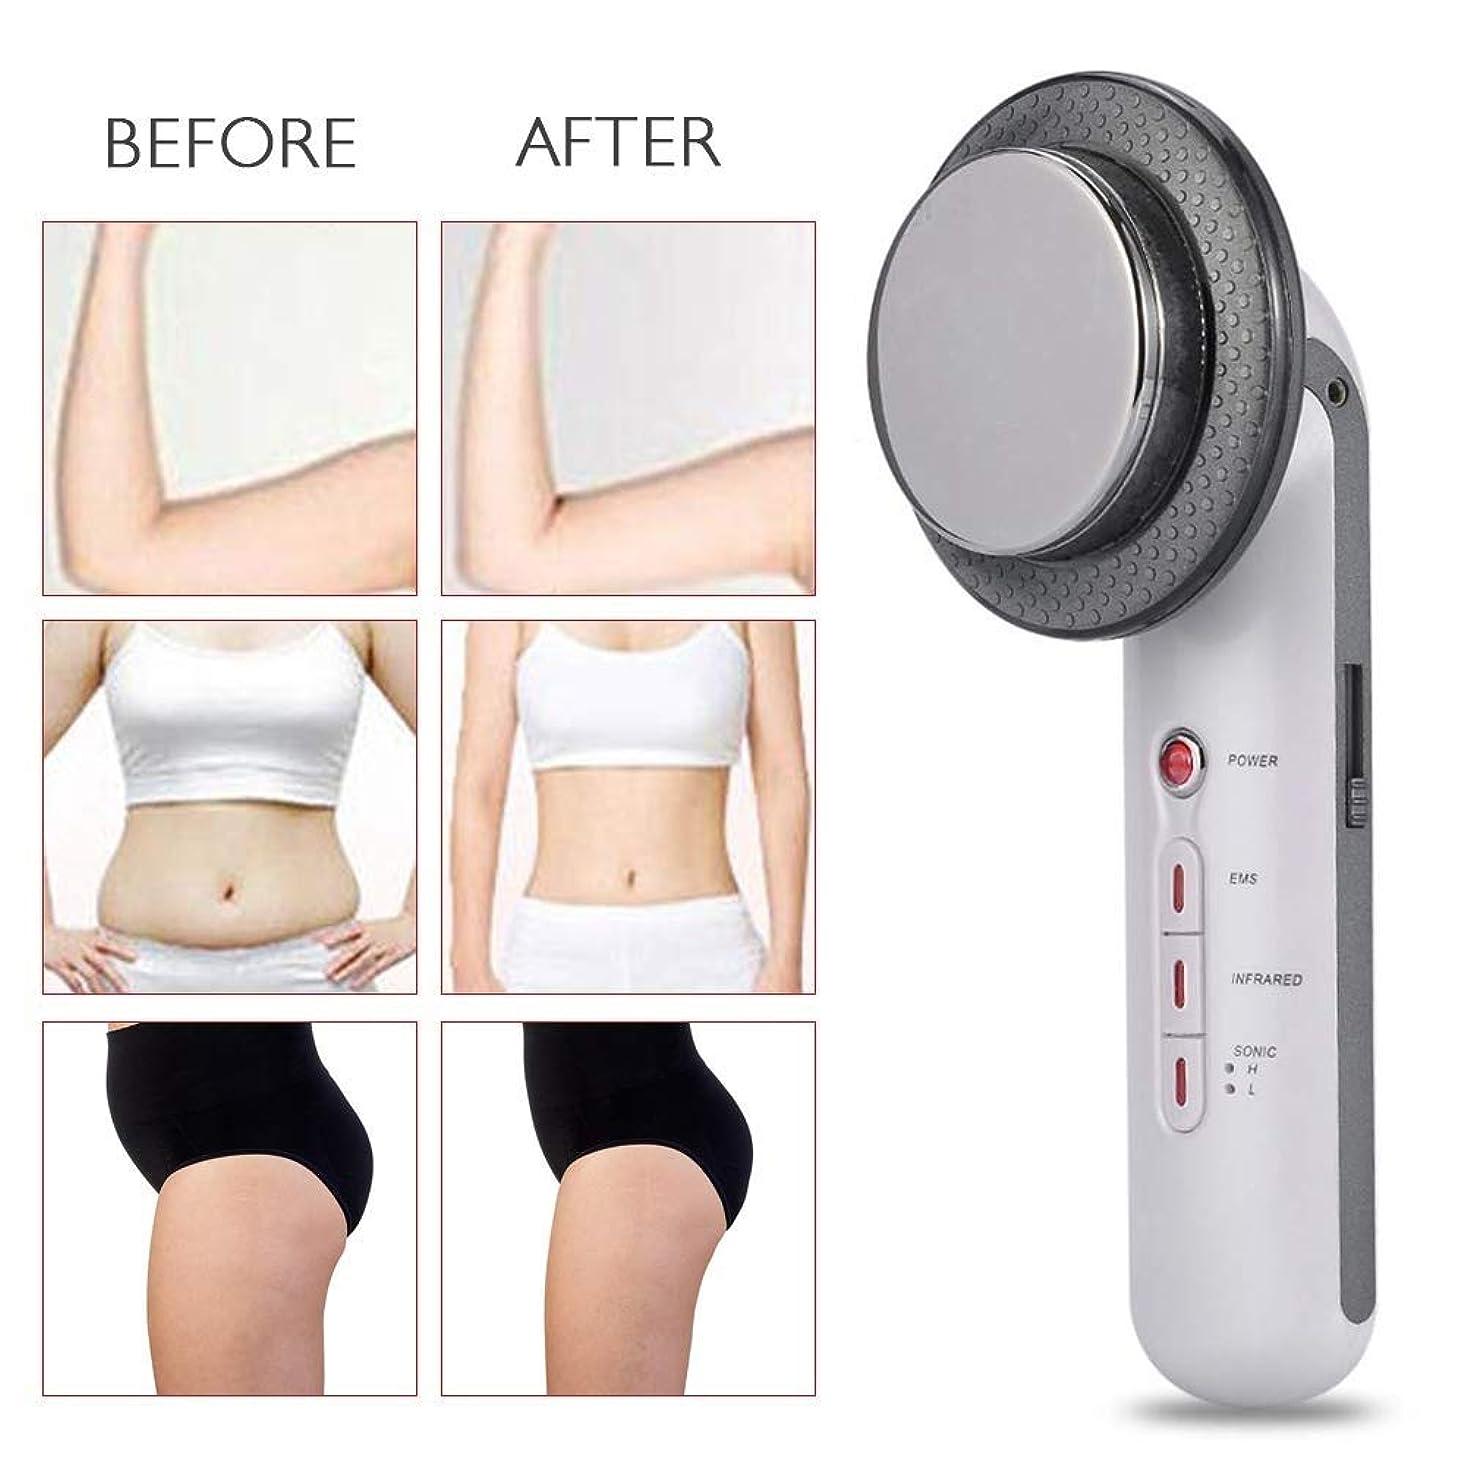 違反拮抗する仮称1つの脂肪質の取り外し機械に付き3つ、マッサージャーを細くする減量ボディ、セルライトの減少装置、皮のきつく締まること、減少の減量超音波減量、EMSの赤外線ライト振動